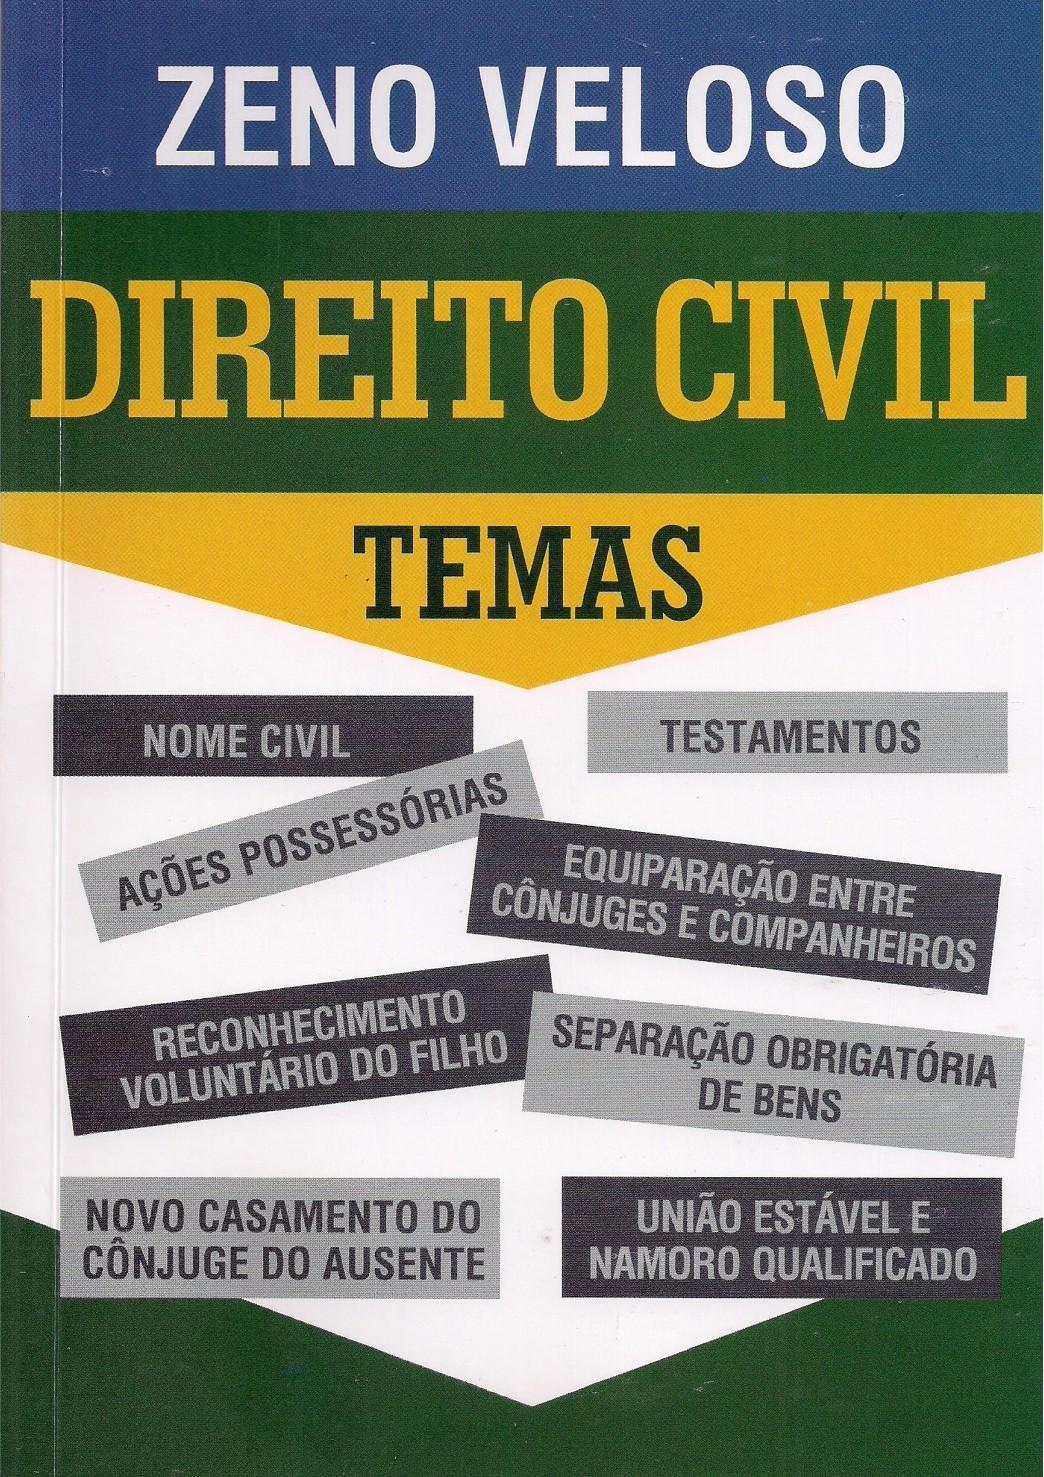 Foto 1 - Direito Civil - Temas